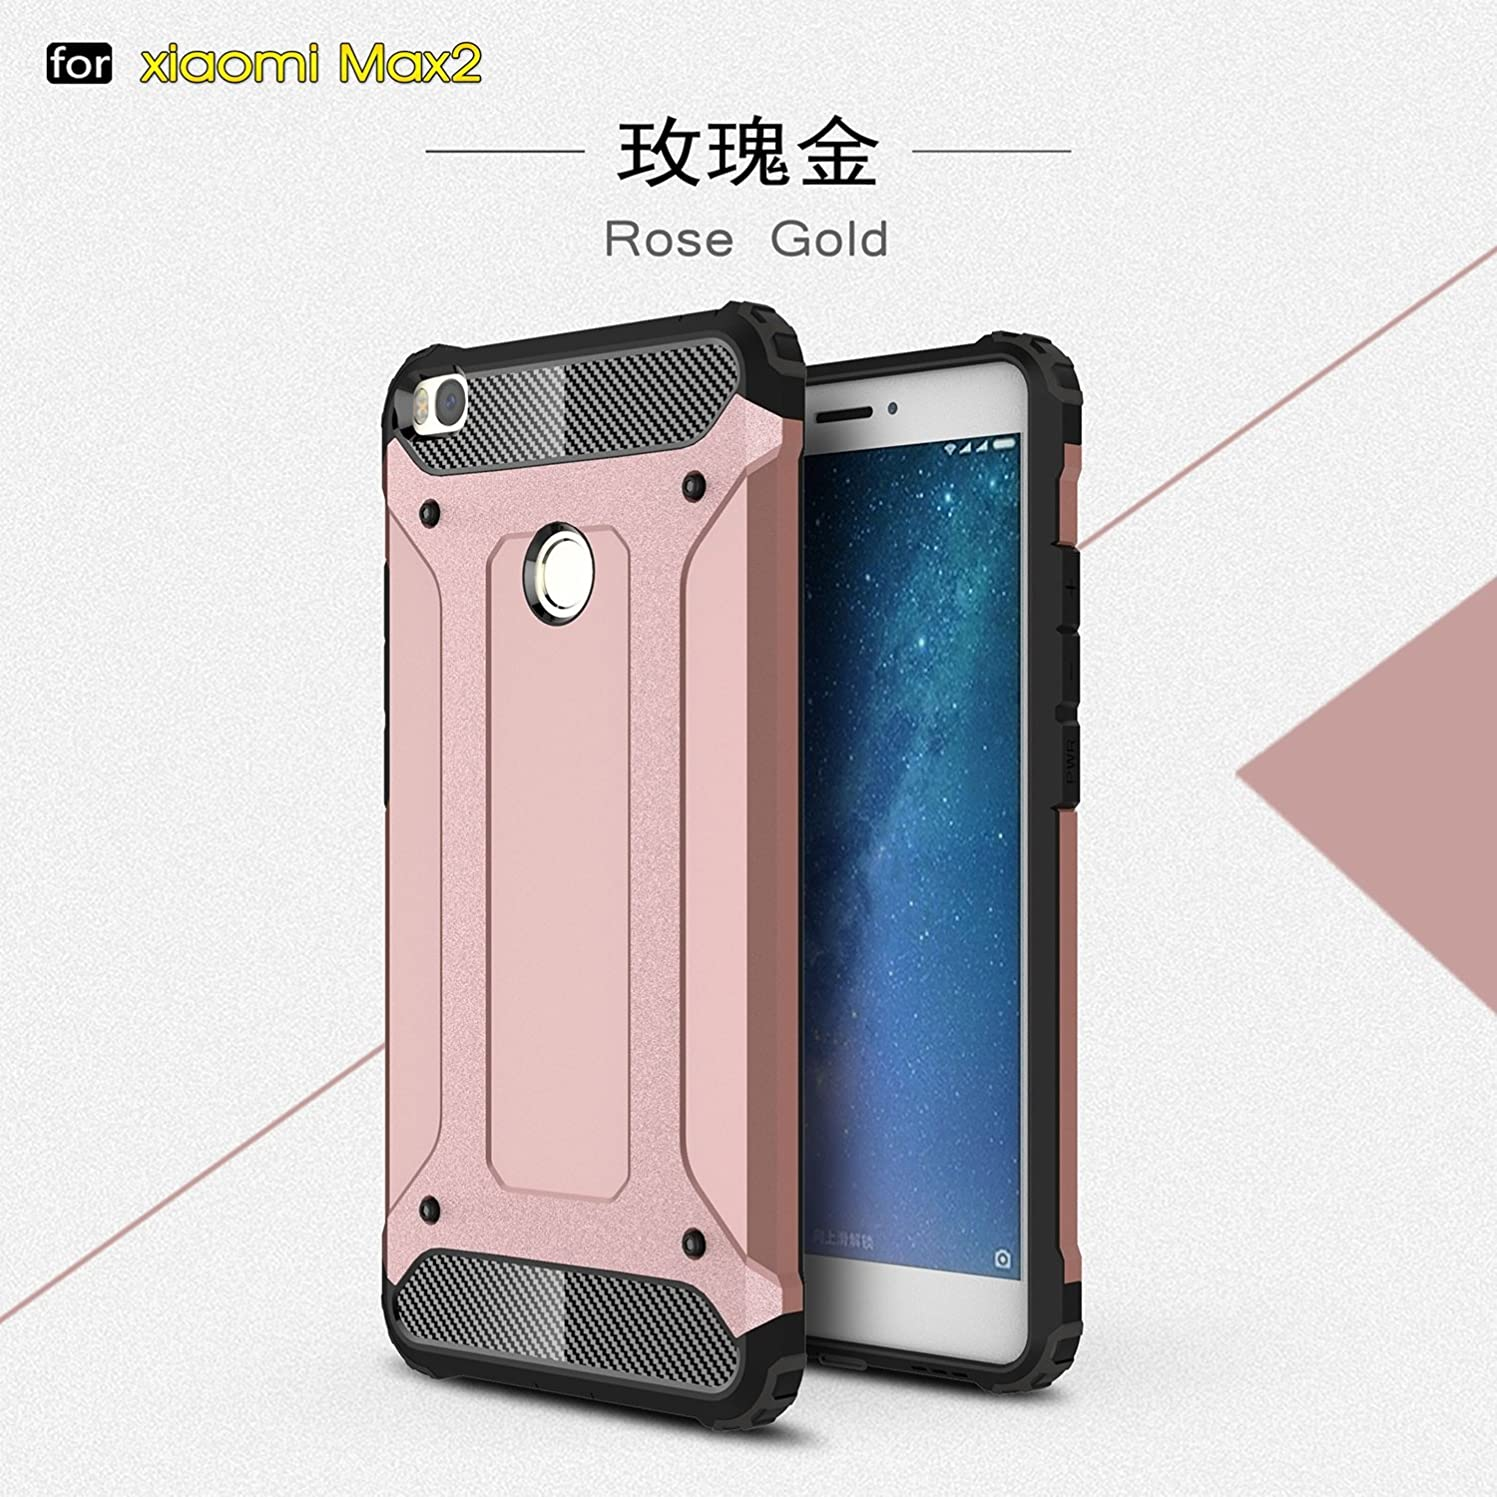 彼女の自分自身貯水池Yhuisen Xiaomi Mi Max2ケース用デュアルレイヤーヘビーデューティーハイブリッドアーマーターフスタイルショックプルーフPC + TPU保護ハードケース (Color : Rose Gold)